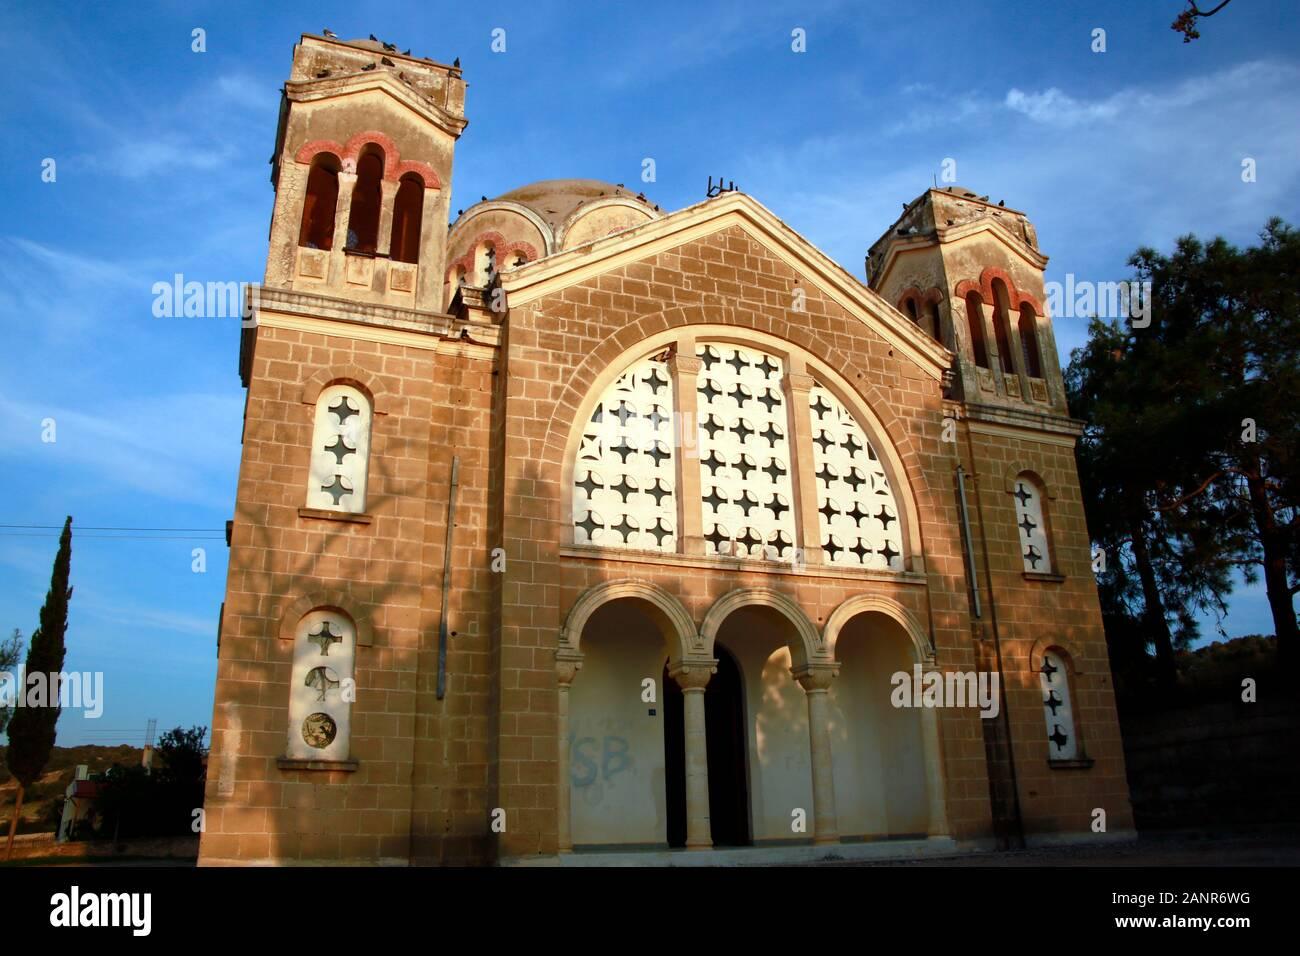 ehemalige, entweihte  griechisch orthodoxe Kirche, Pamuklu/ Tavors, Türkische Republik Nordzypern Stock Photo